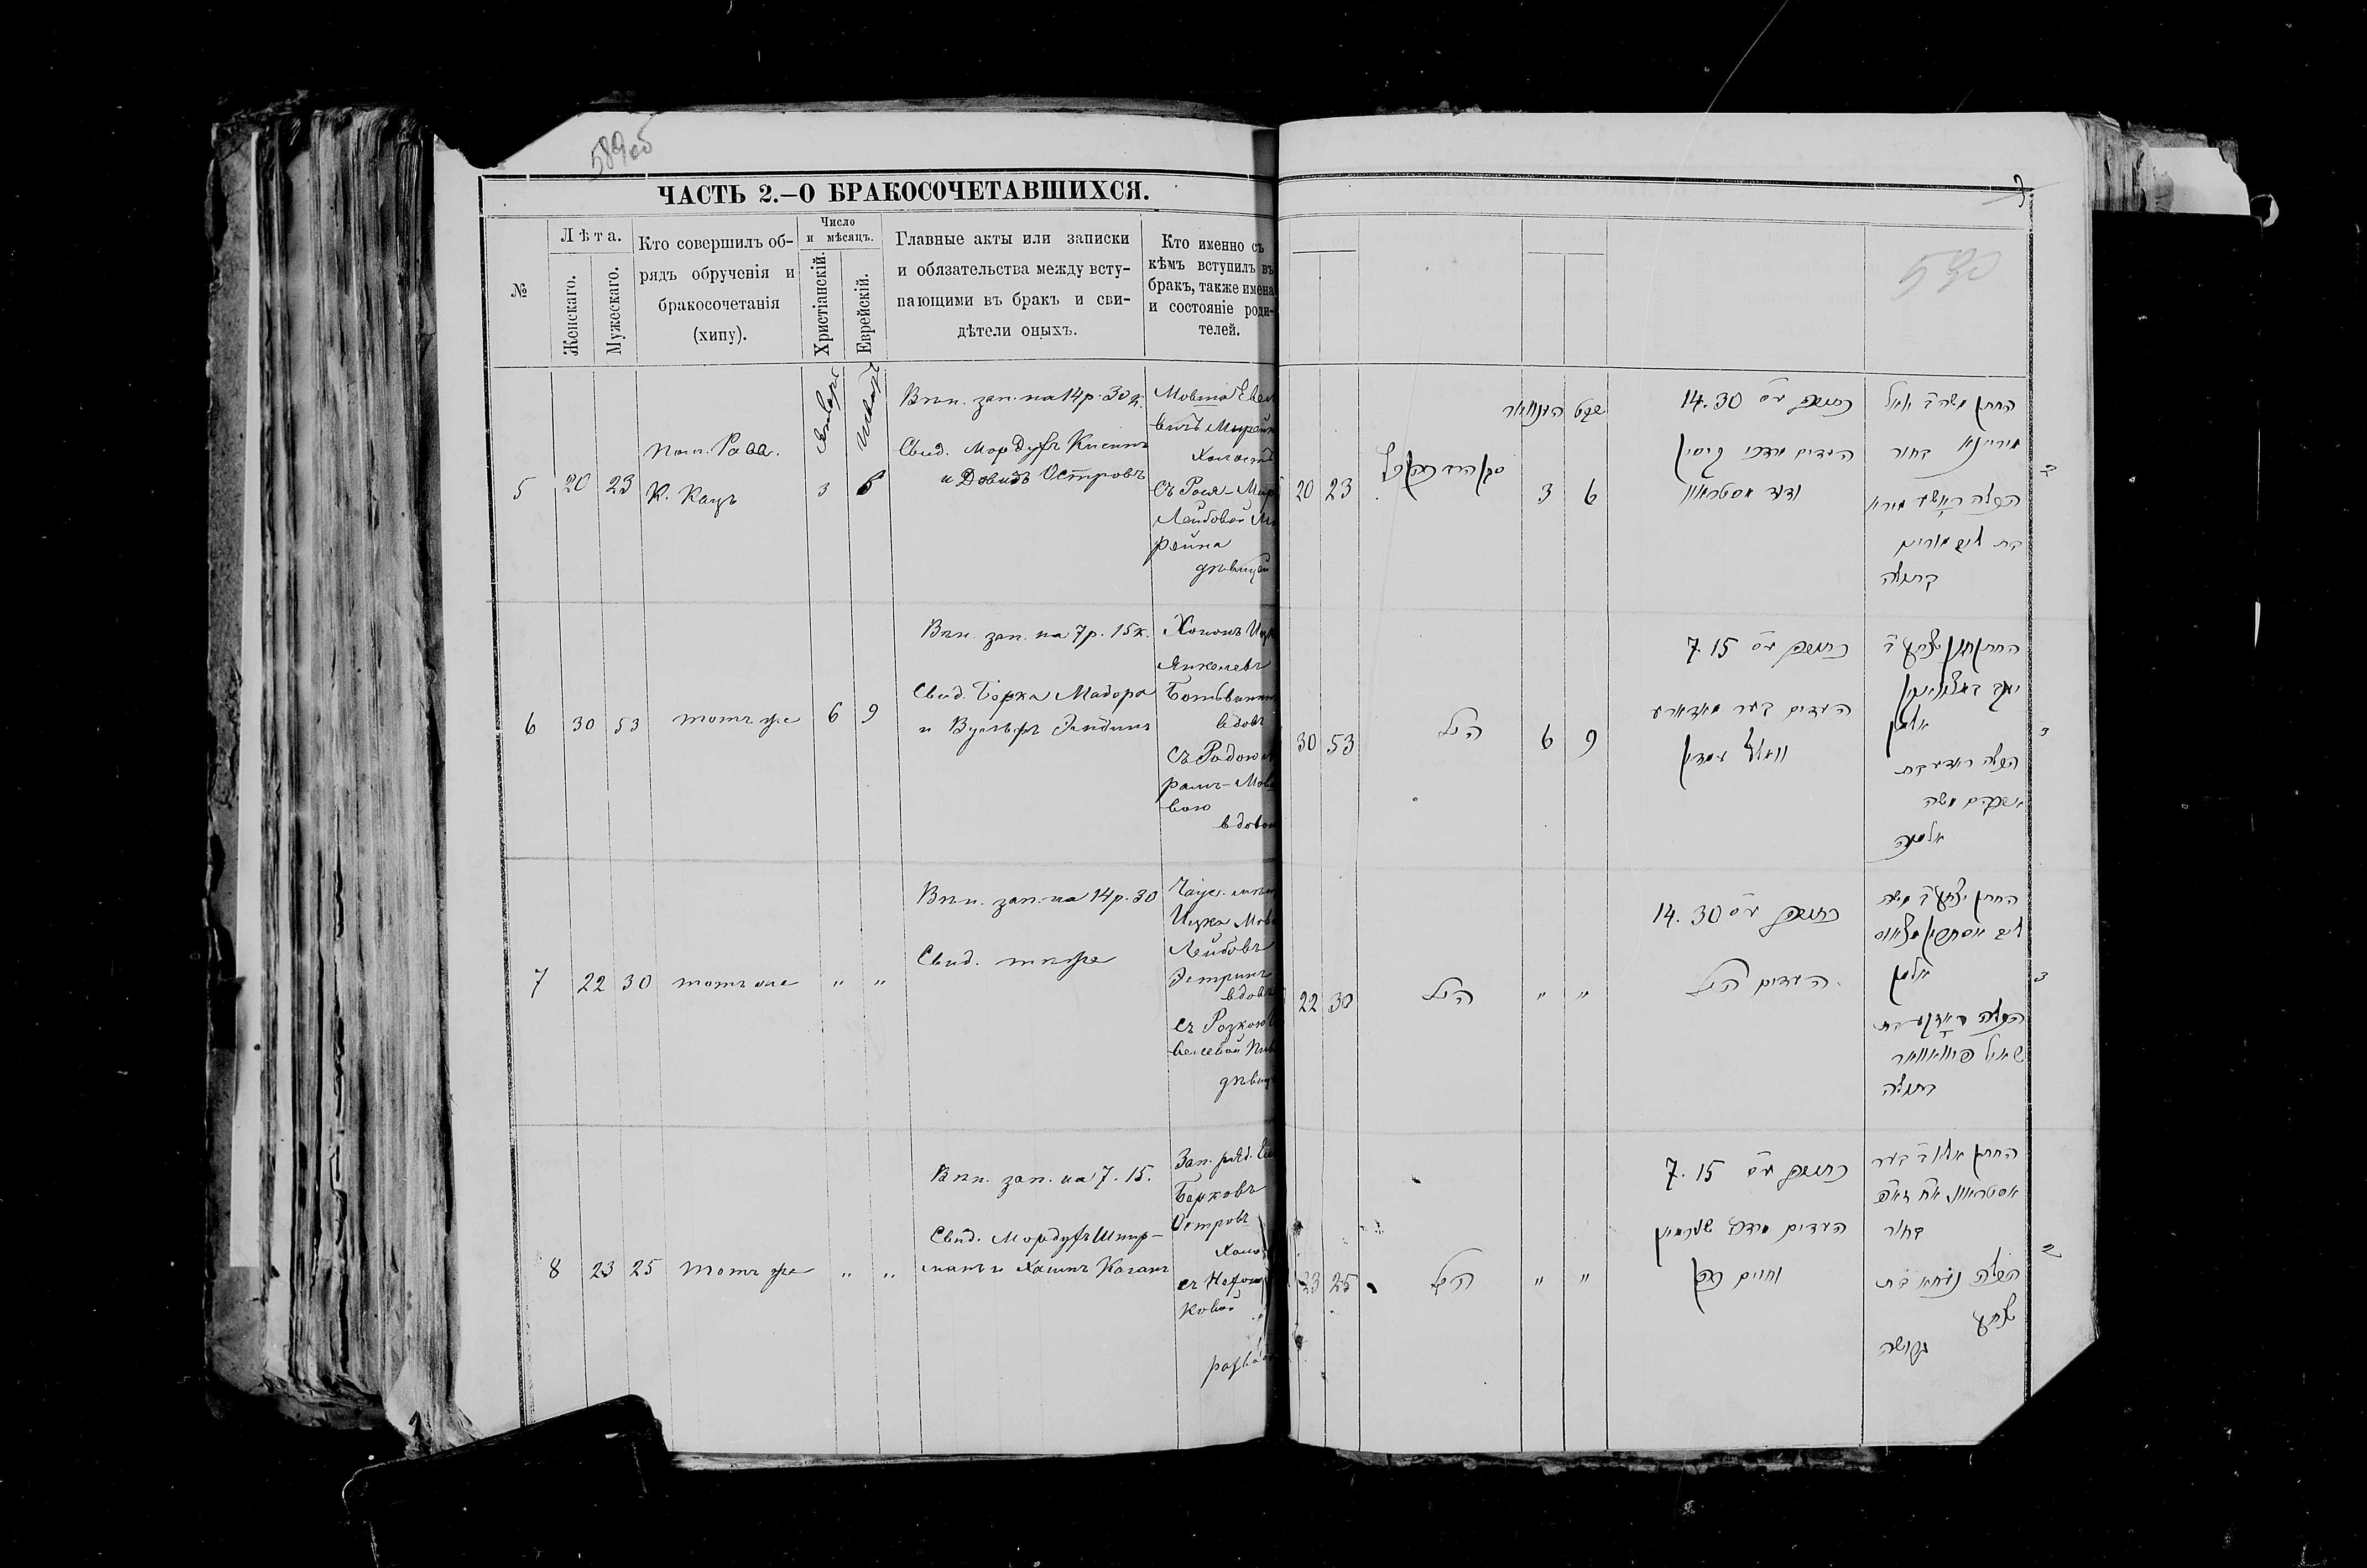 Елья Остров с Нехамой Ицковной 6 января 1891, запись 8, пленка 007766484, снимок 881